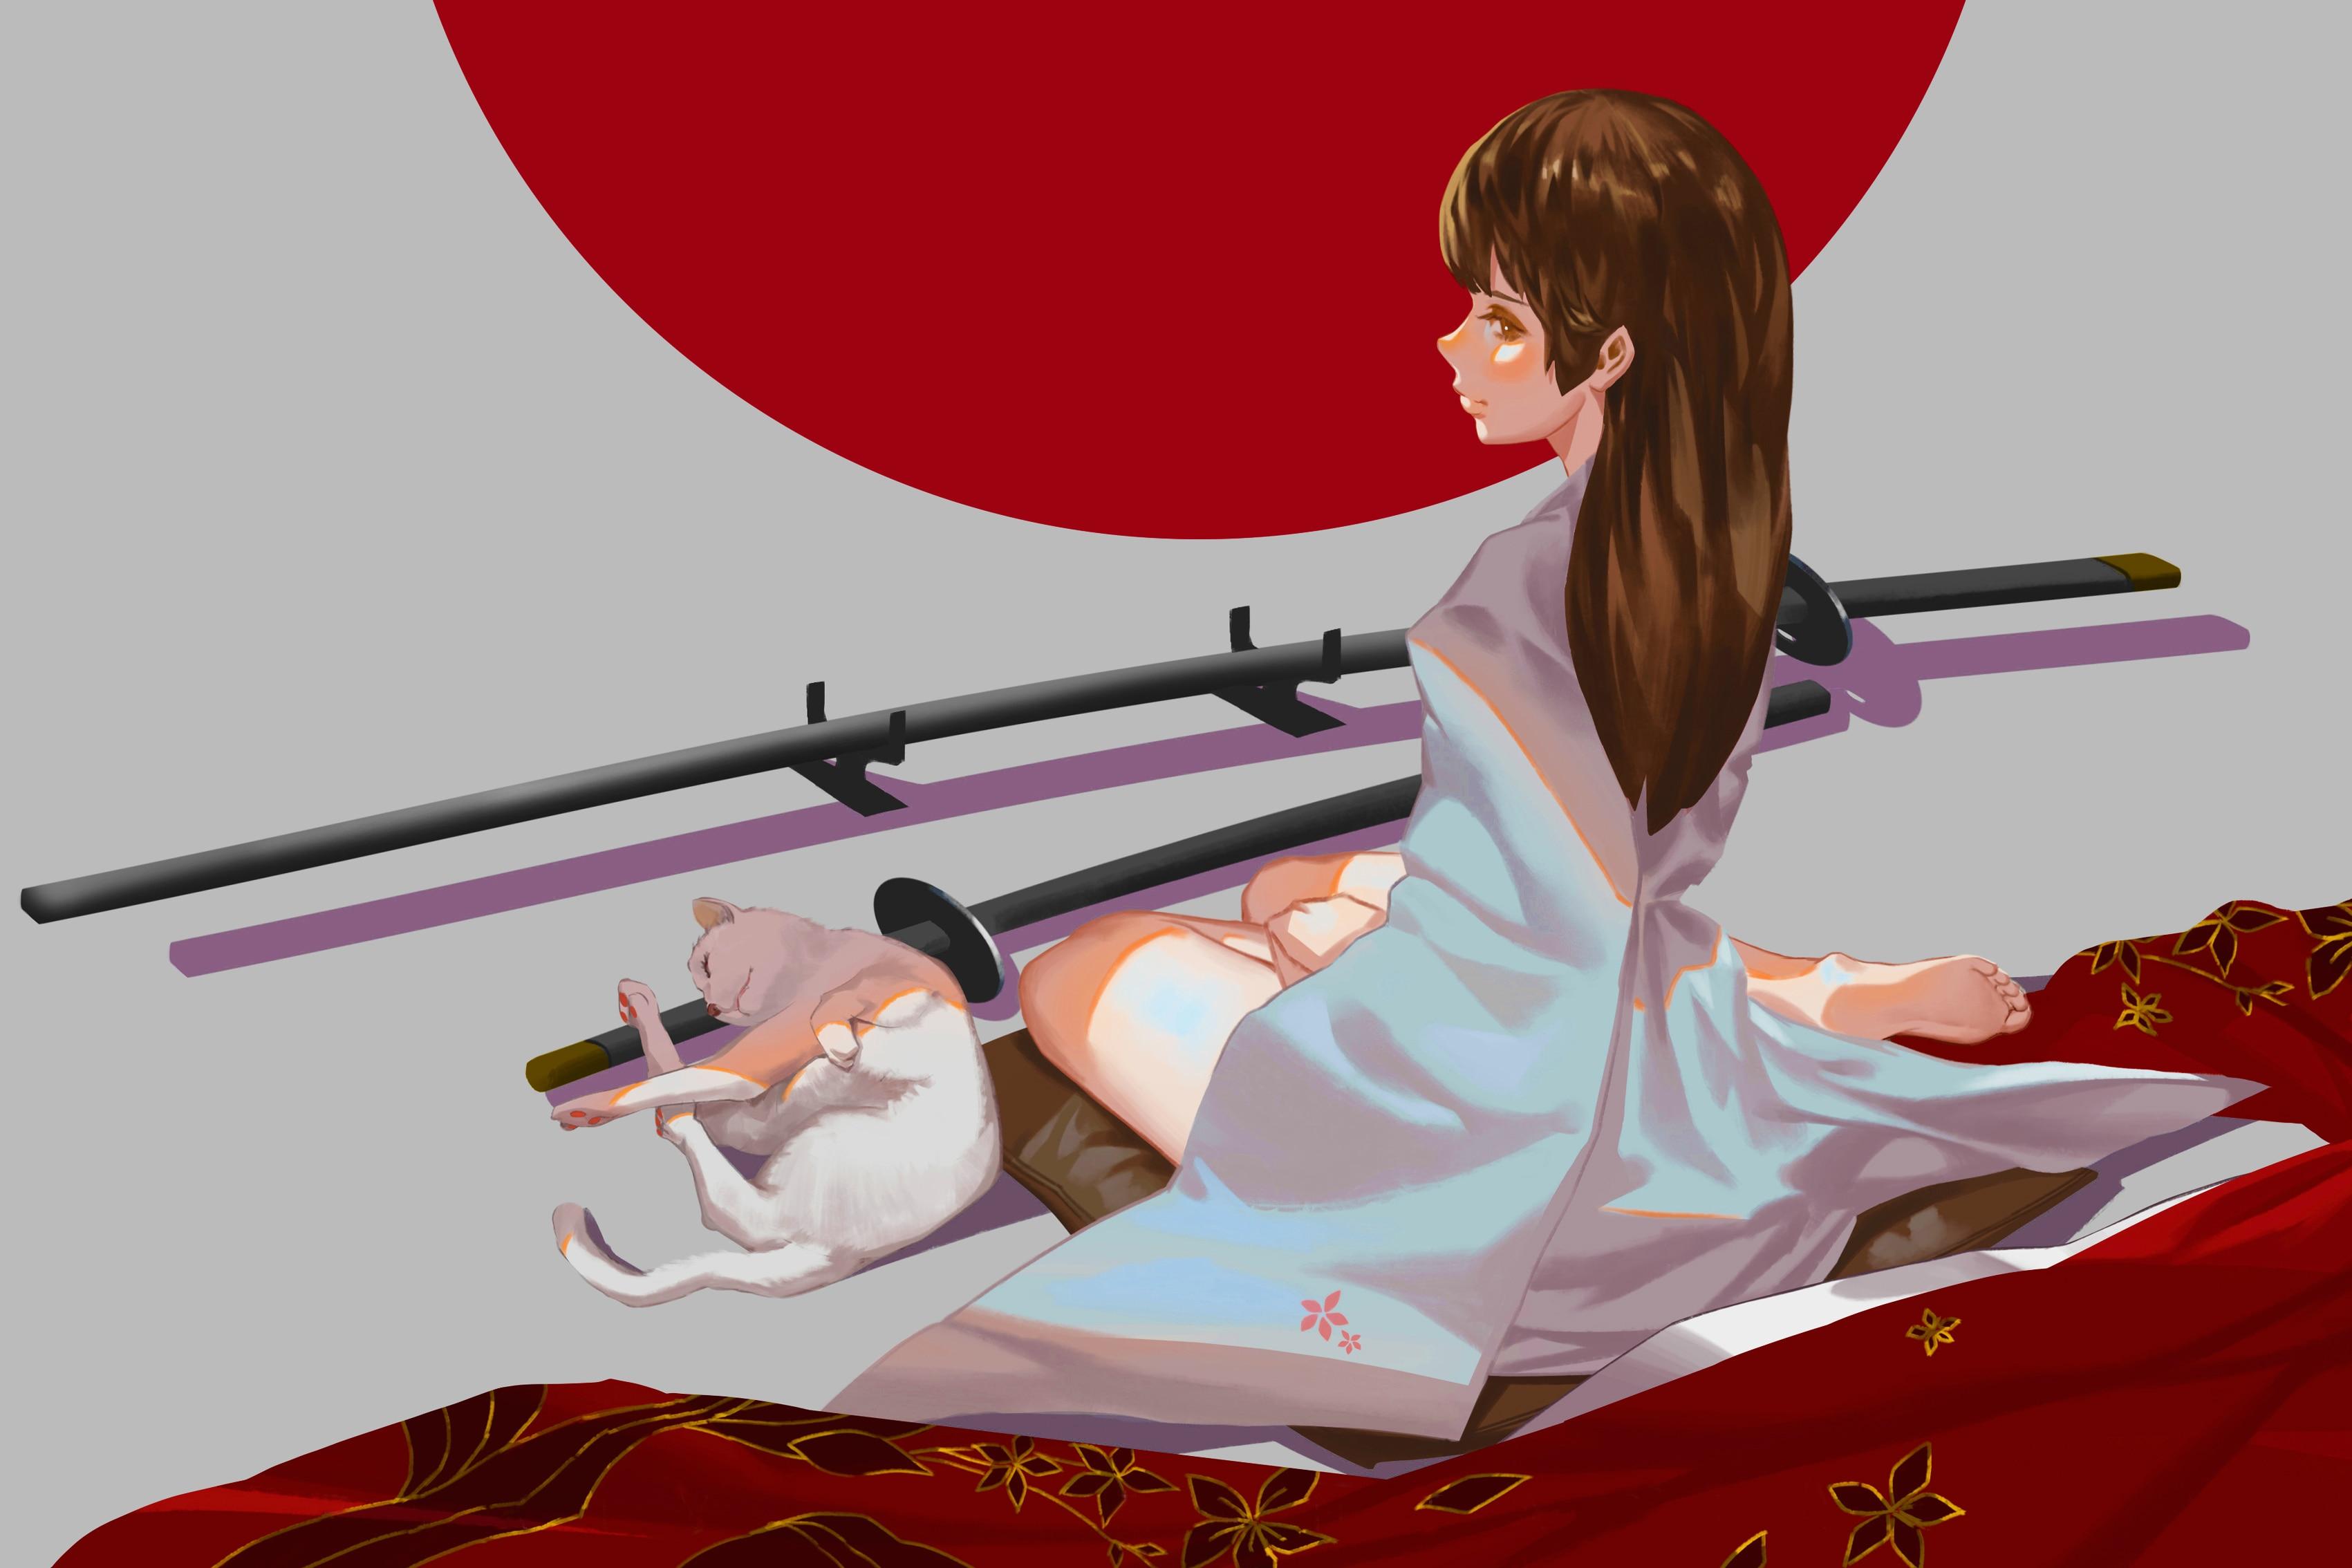 D coration de la maison chat fille katana art kimono assis - Impression sur tissu maison ...